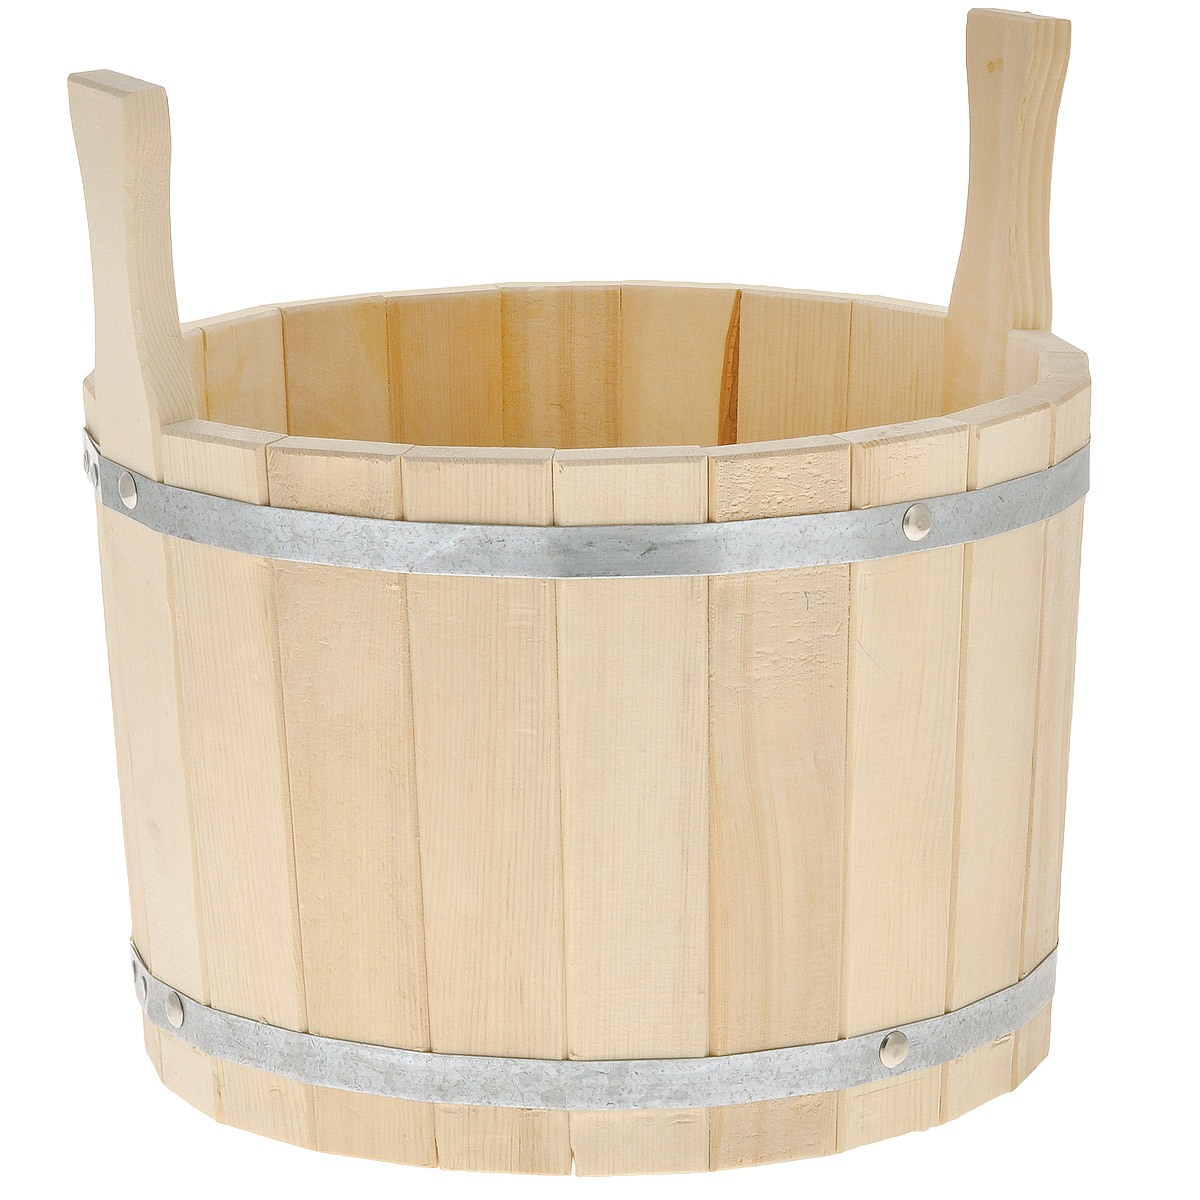 Шайка для бани Доктор Баня, 10 лK100Шайка круглой формы выполнена из брусков кедра, стянутых двумя металлическими обручами. Она прекрасно подойдет для замачивания веника или других банных процедур. Для более удобного использования шайка имеет по бокам две небольшие ручки. Шайка является одной из тех приятных мелочей, без которых не обойтись при принятии банных процедур.Аксессуары для бани и сауны - это те приятные мелочи, которые приносят радость и создают комфорт. Интересная штука - баня. Место, где одинаково хорошо и в компании, и в одиночестве. Перекресток, казалось бы, разных направлений - общение и здоровье. Приятное и полезное. И всегда в позитиве. Характеристики:Материал: дерево (кедр), металл. Объем шайки: 10 л. Диаметр шайки по верхнему краю: 30 см. Высота шайки (без учета ручек): 21,5 см. Длина ручек: 10 см.